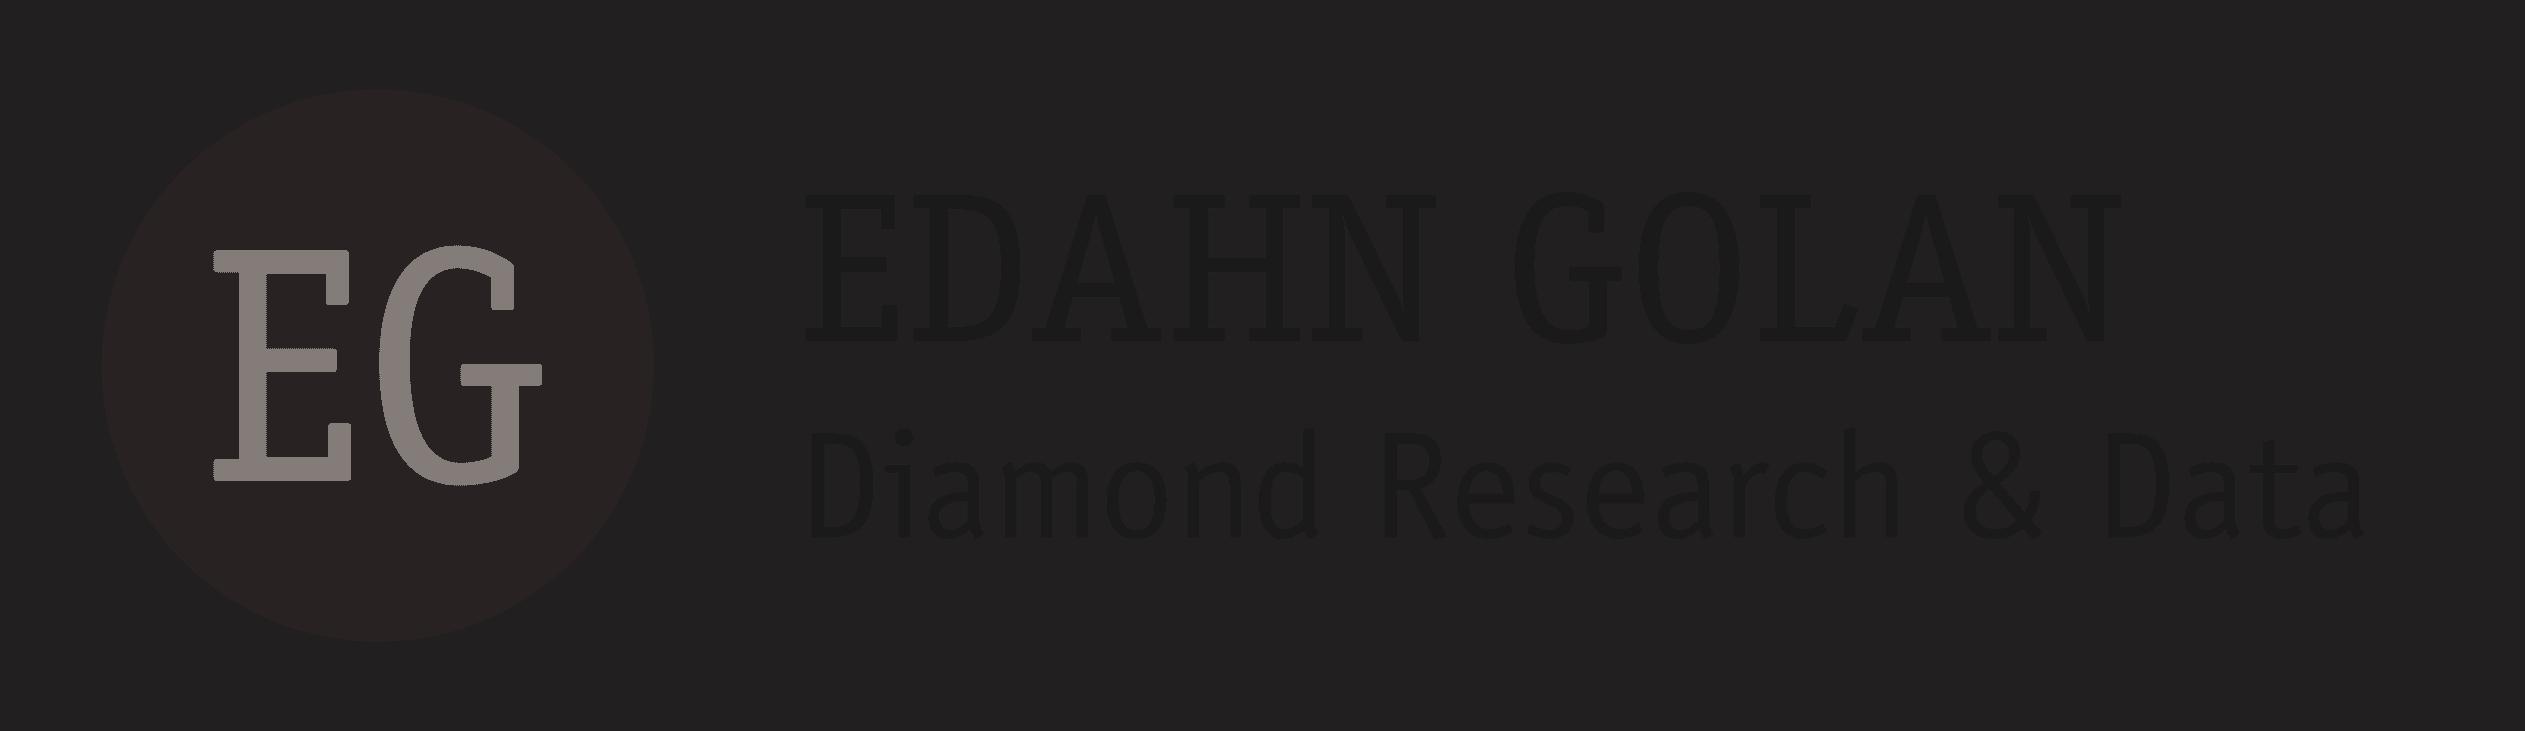 Edahn Golan Diamond Research & Data - Diamond industry analytics